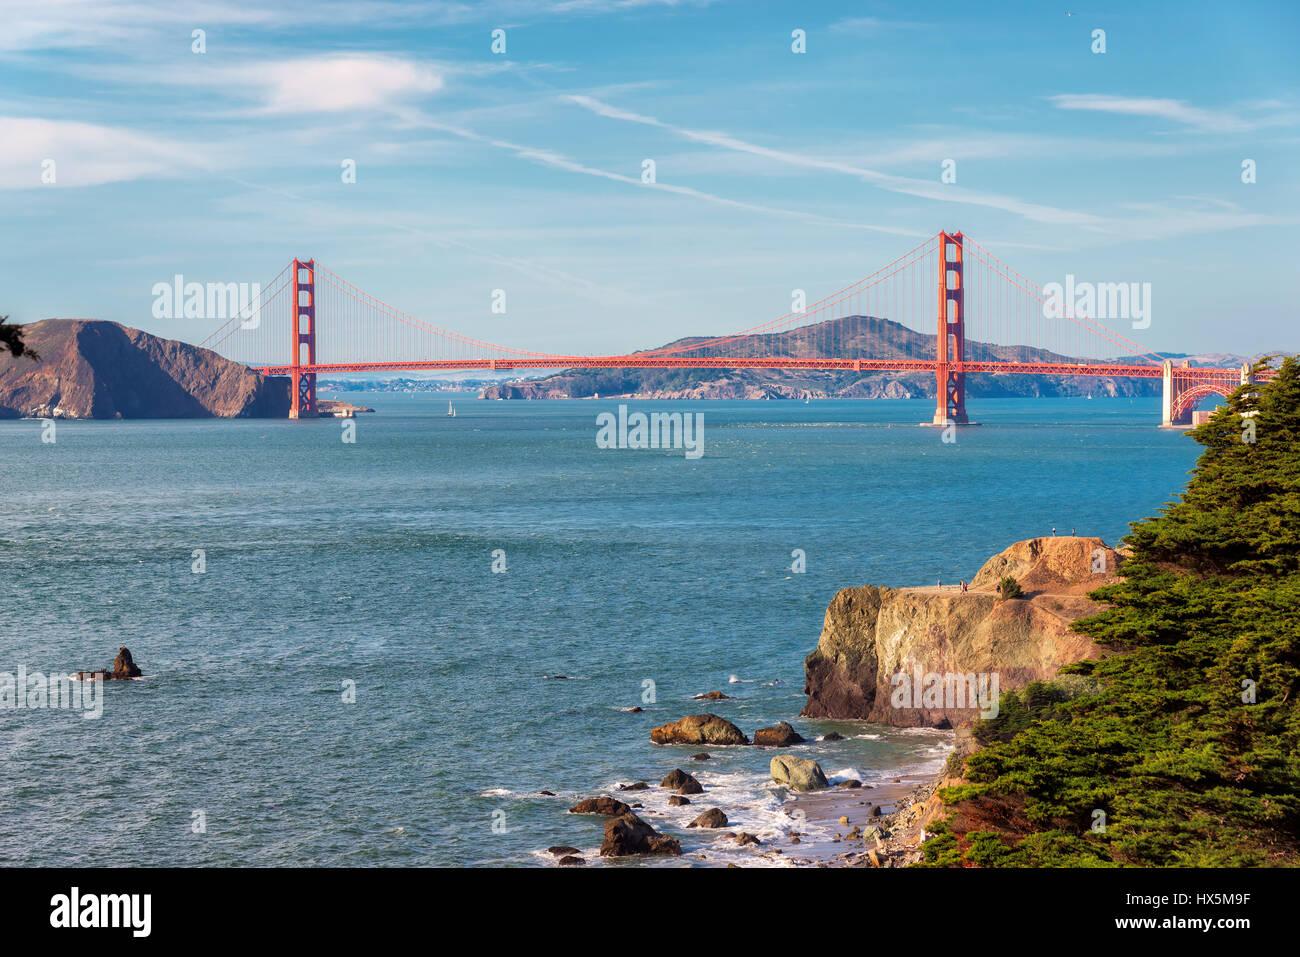 Plage de San Francisco et le Golden Gate Bridge au lever du soleil, en Californie. Photo Stock